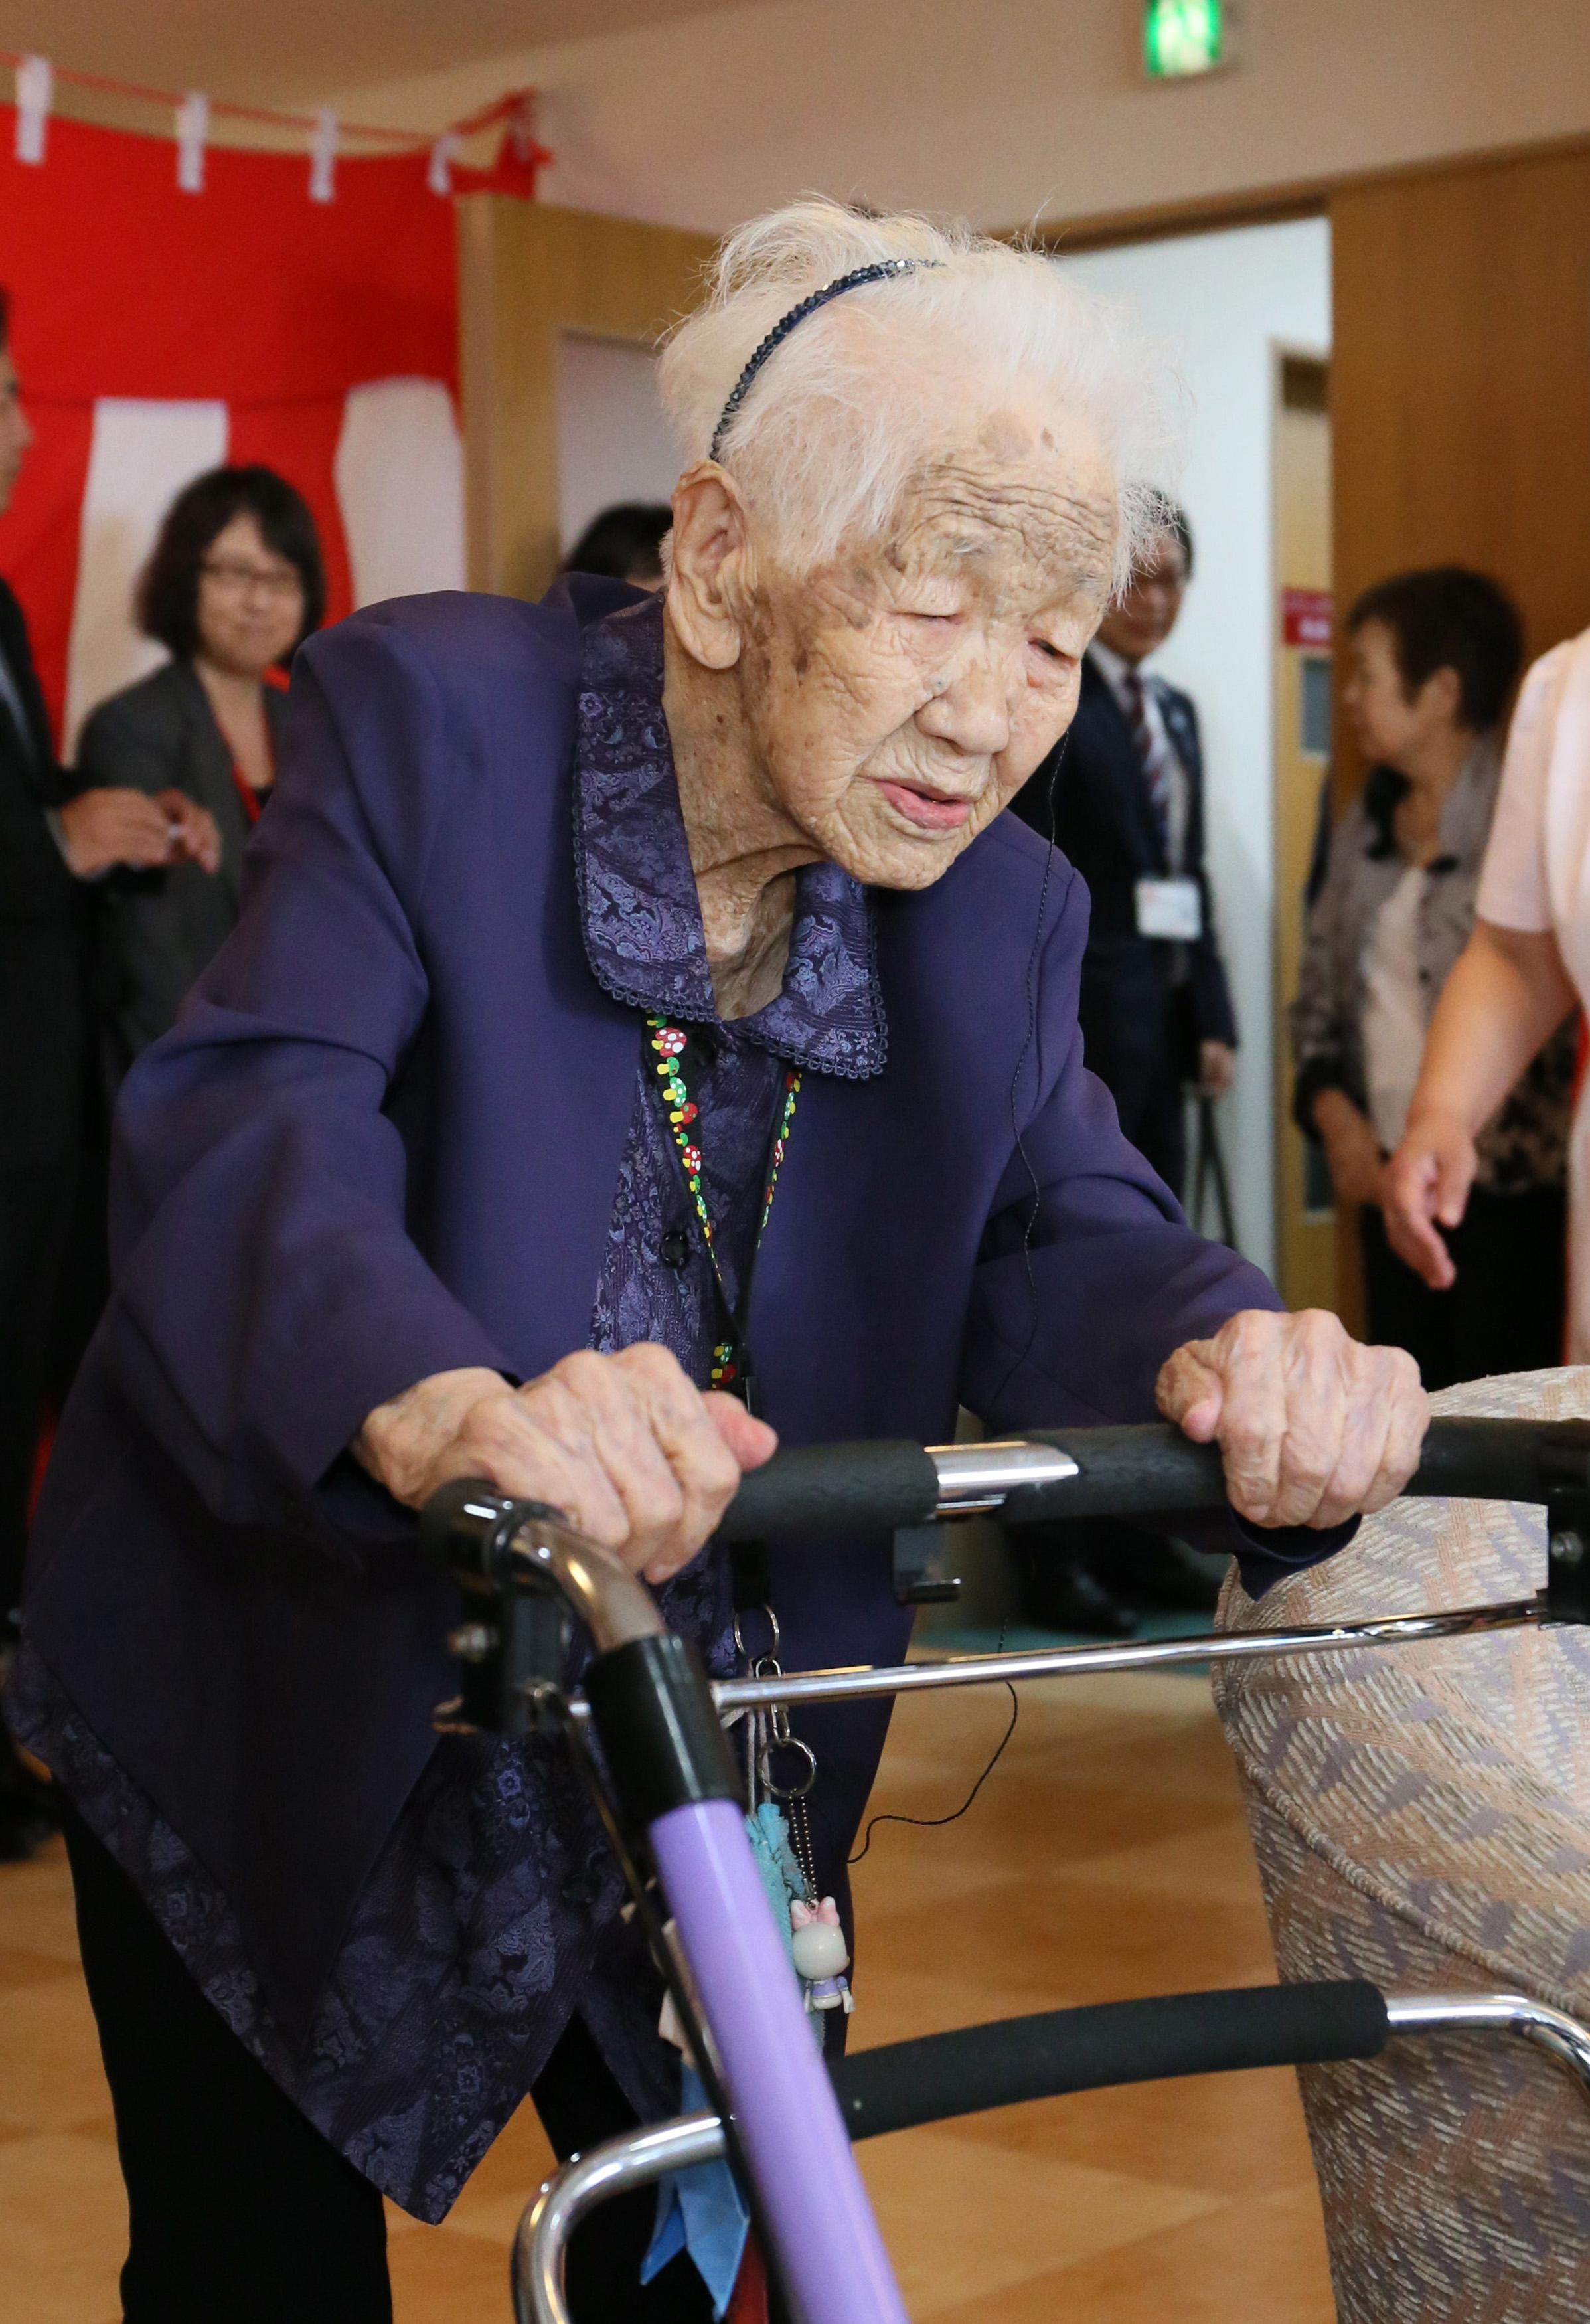 A világ legidősebb embere viheti majd az olimpiai lángot